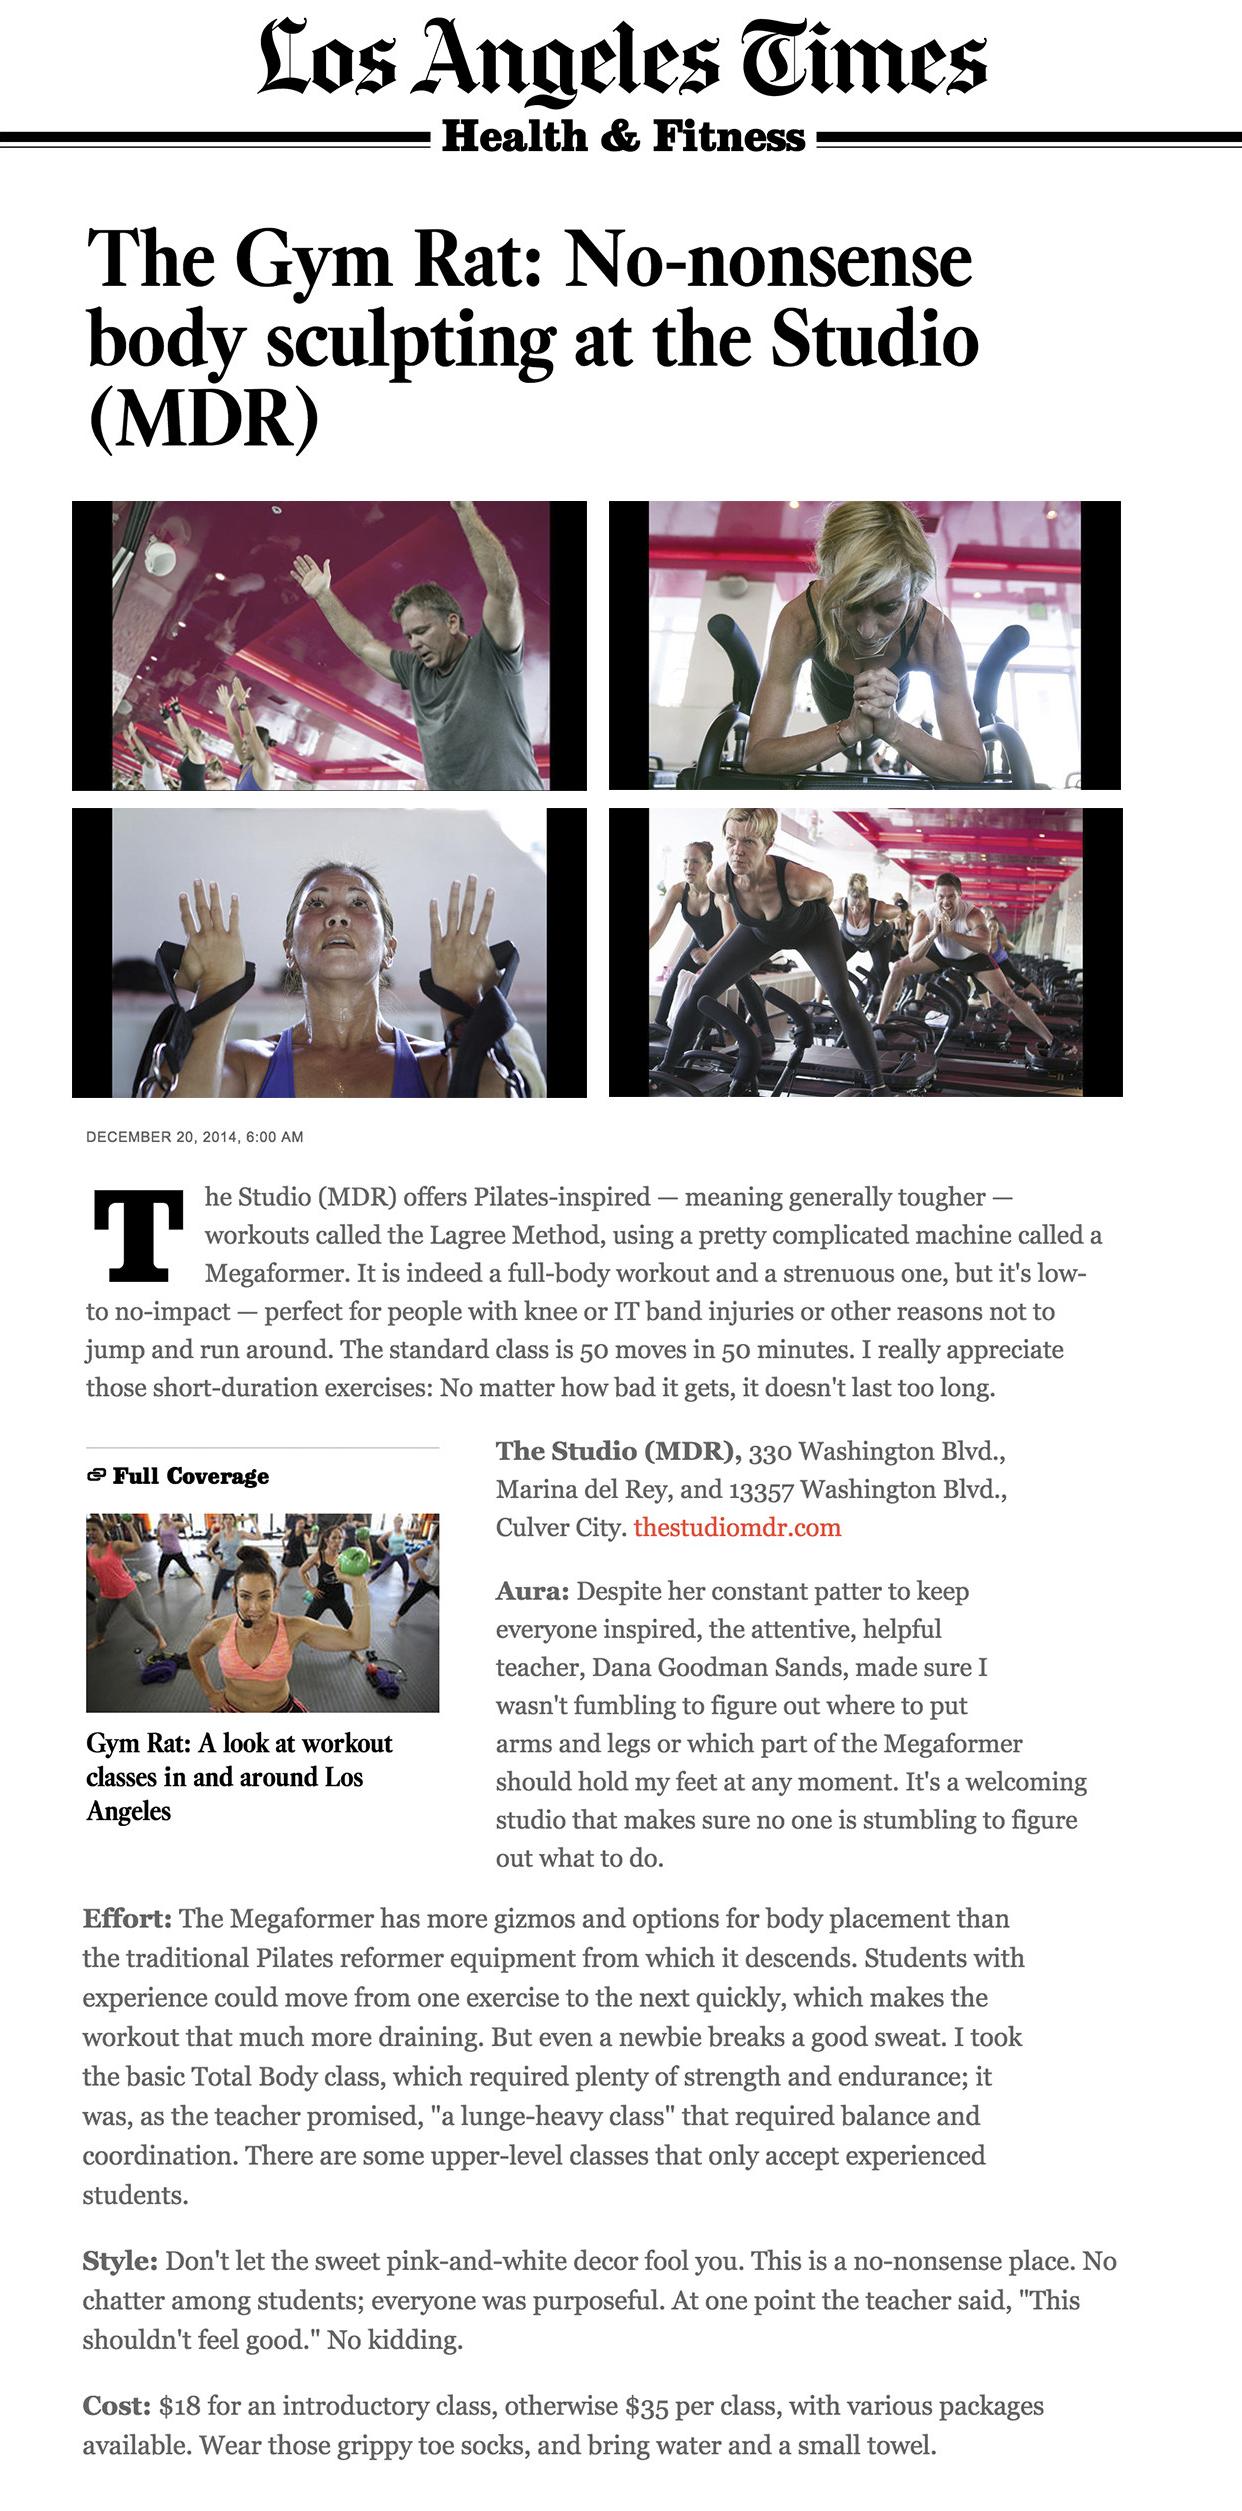 LA Times article, Dec 14